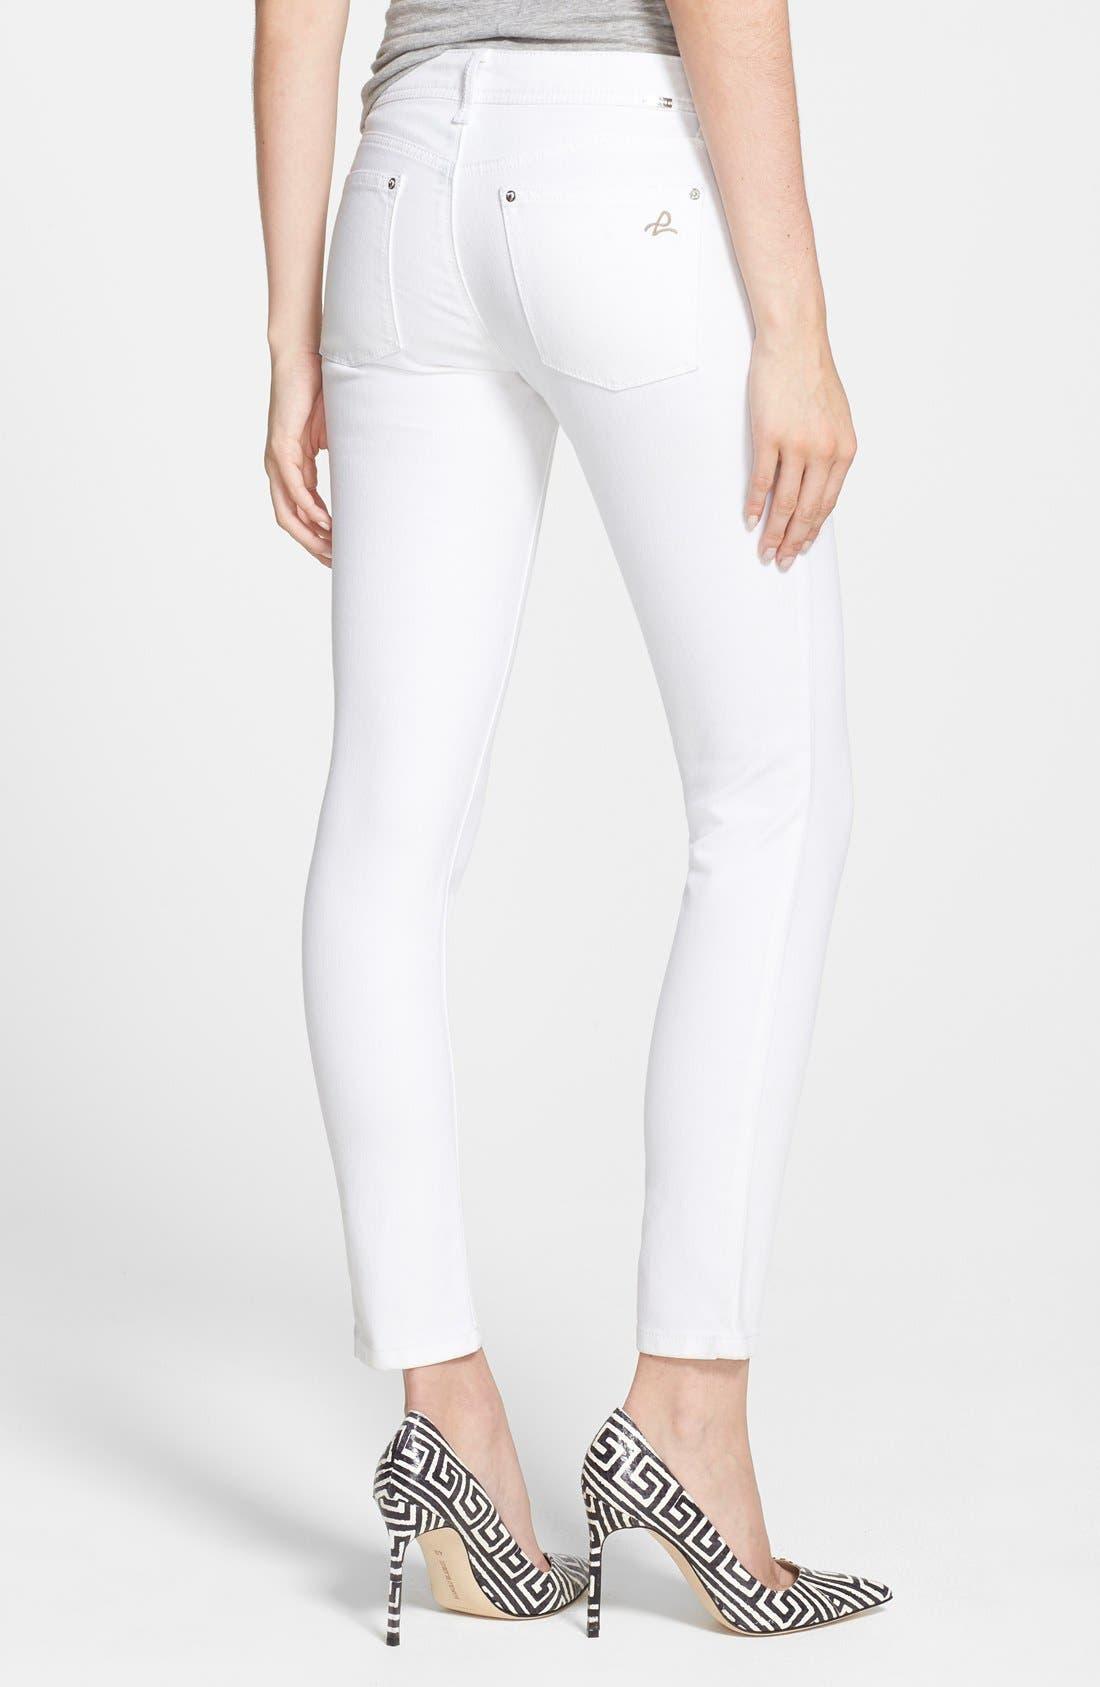 Alternate Image 2  - DL1961 'Emma' Power Legging Jeans (Milk)